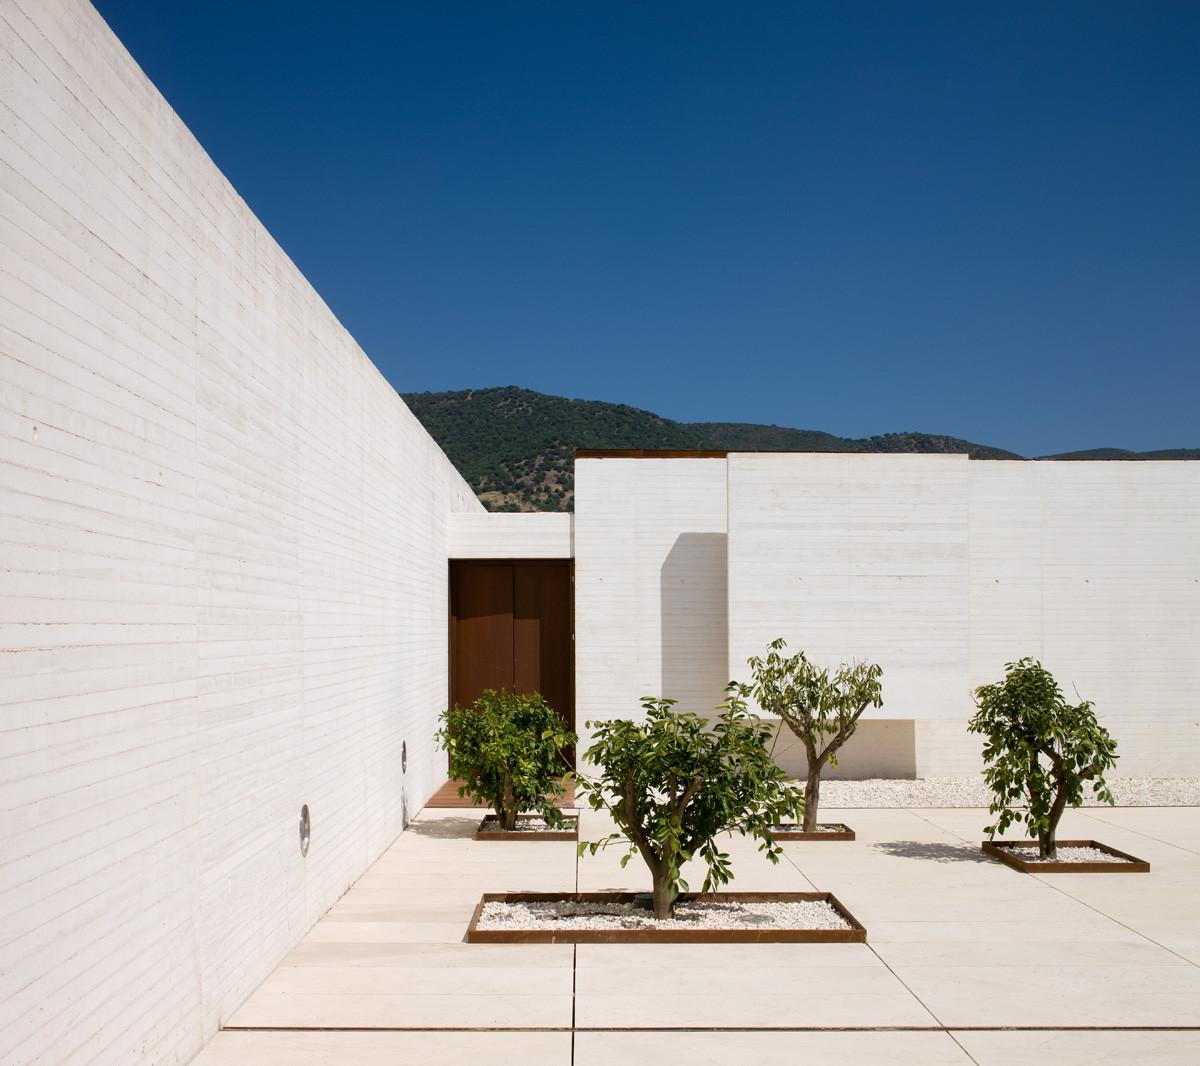 Madinat Al Zahara Museum / Nieto Sobejano Arquitectos, © Fernando Alda